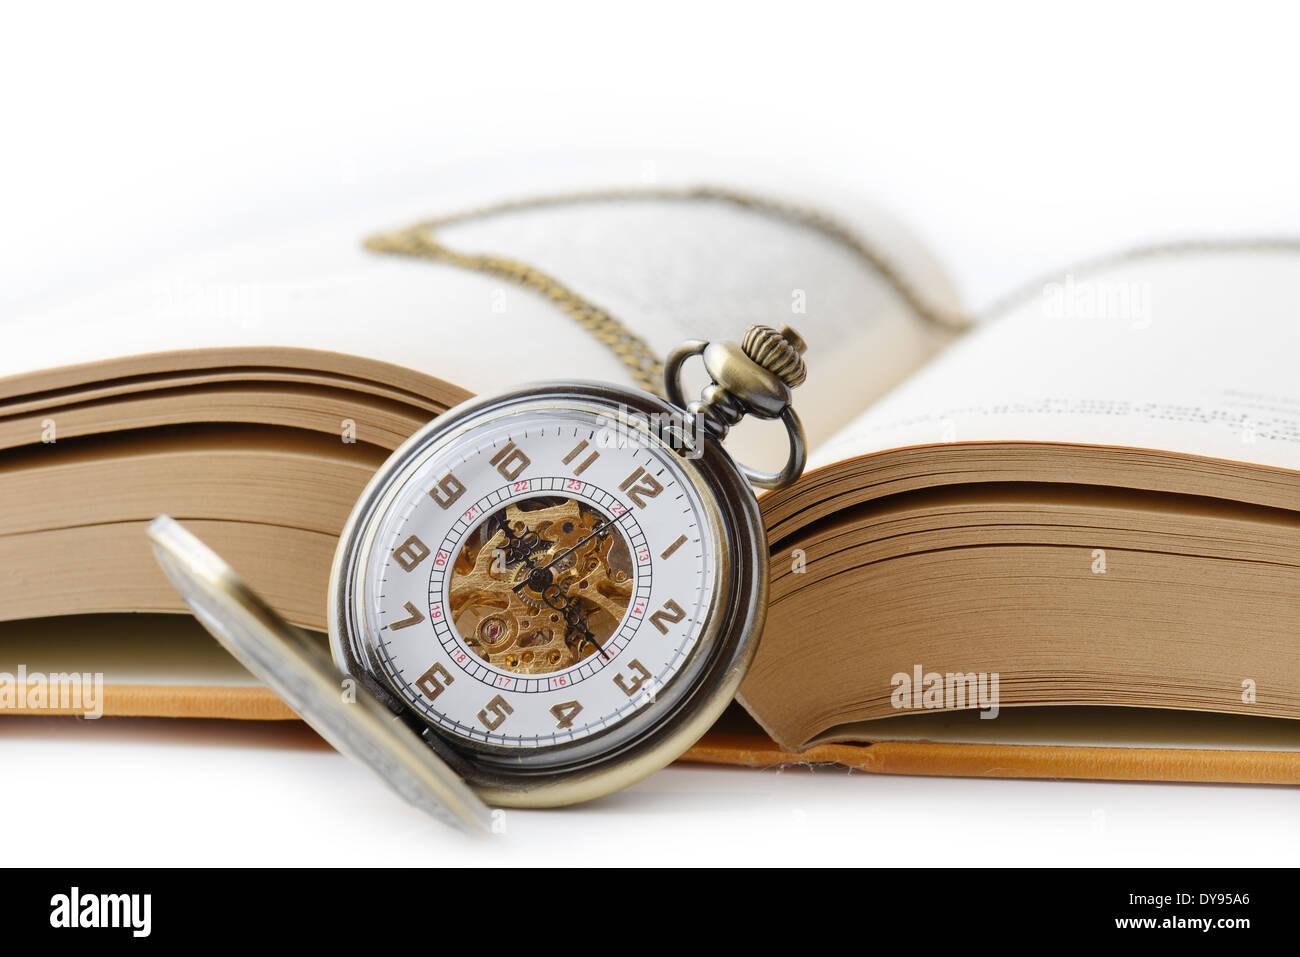 Ancienne montre de poche sur un livre ouvert Photo Stock